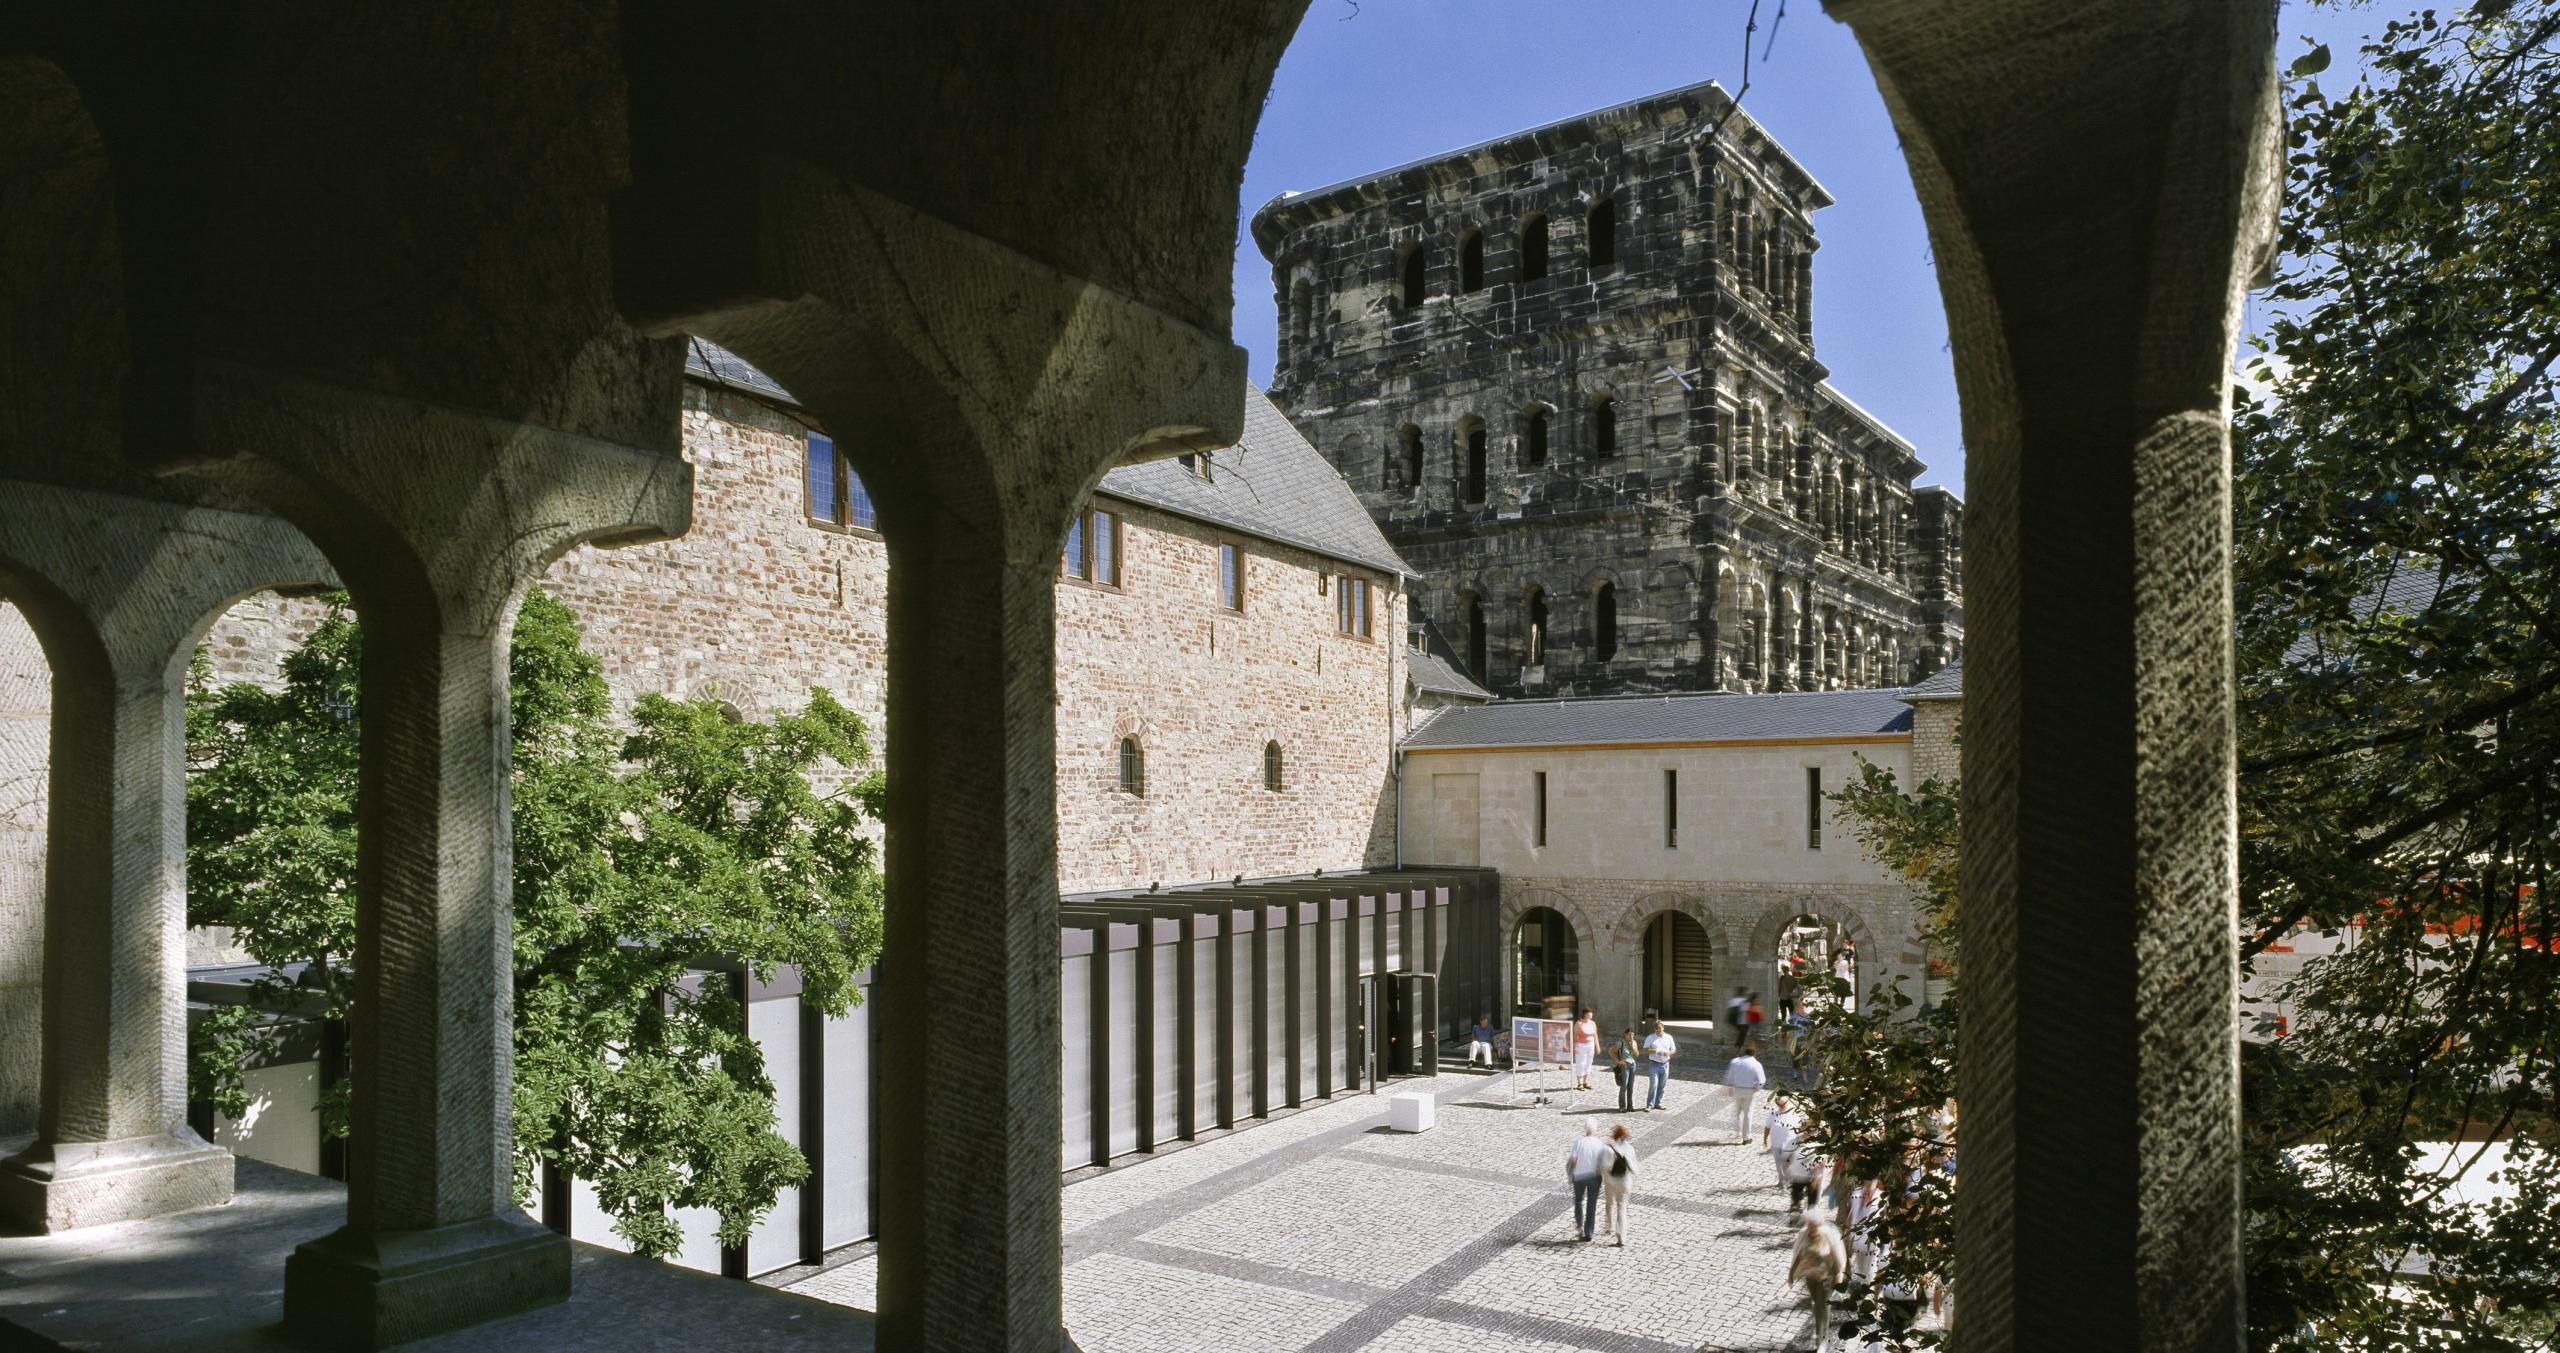 Zu sehen ist der Innenhof des Stadtmuseums im Sonnenlicht.